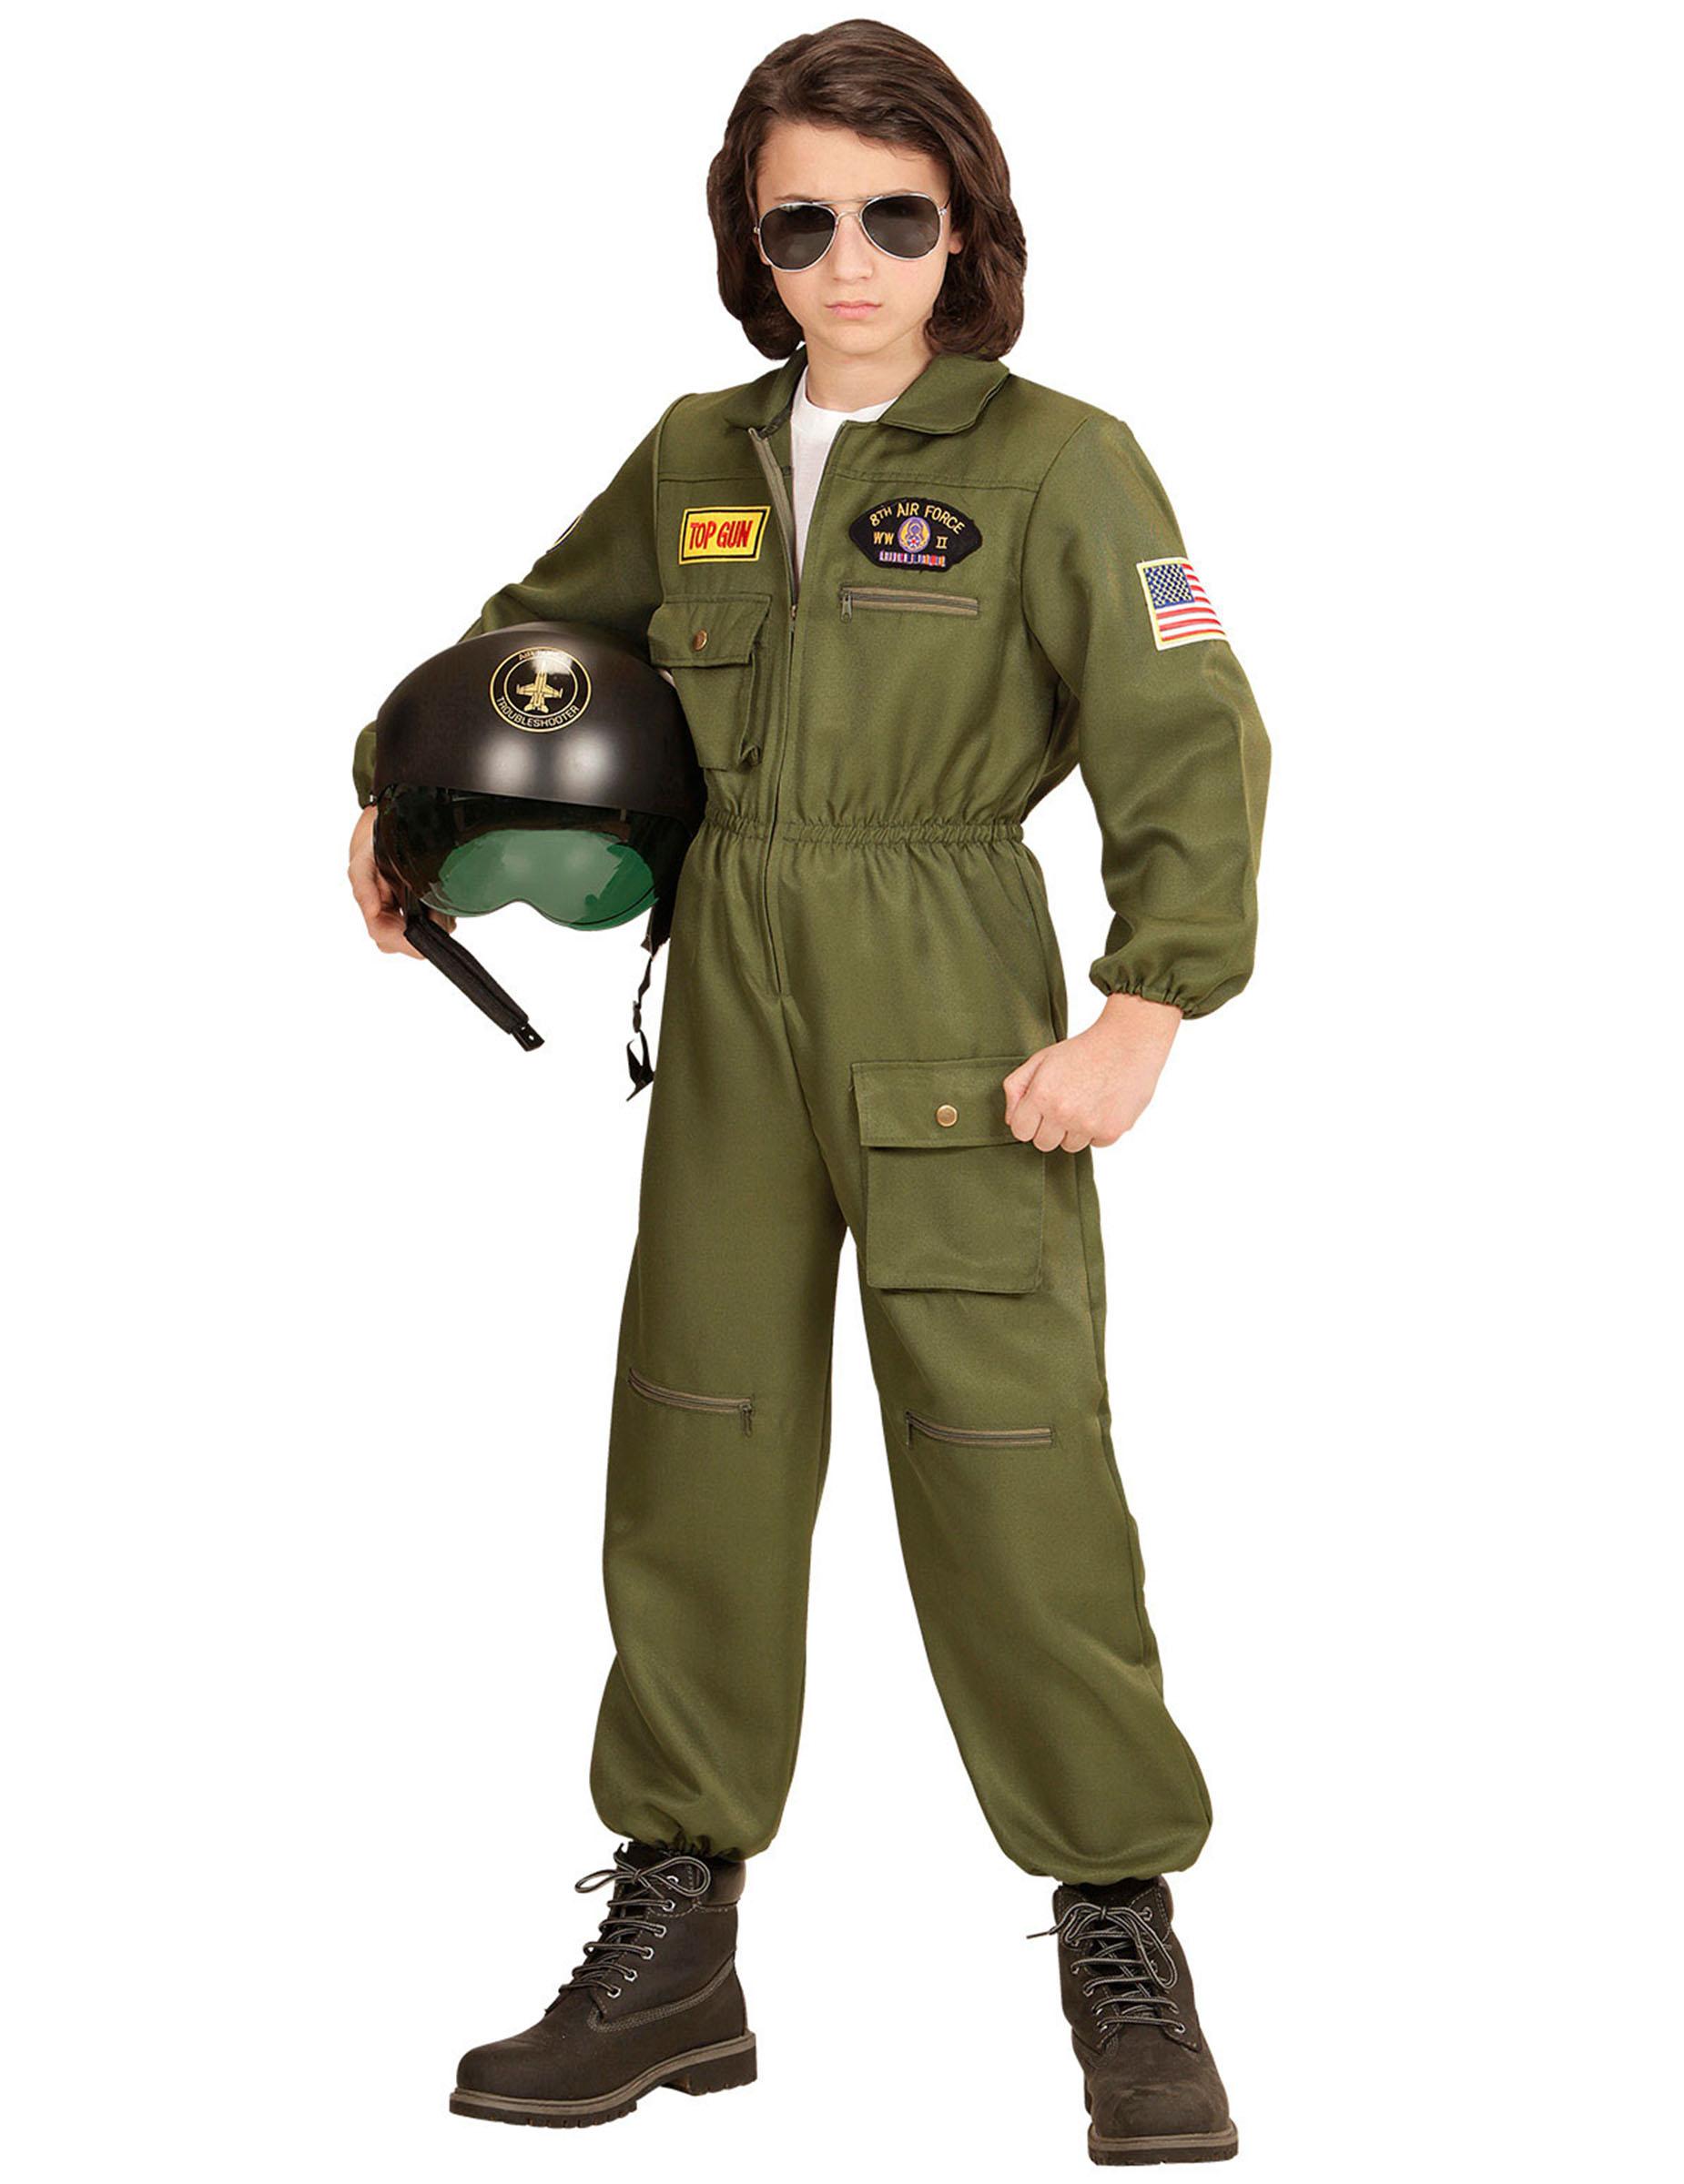 41a3c049e8 Costume da pilota di combattimento per bambino: Costumi bambini,e ...